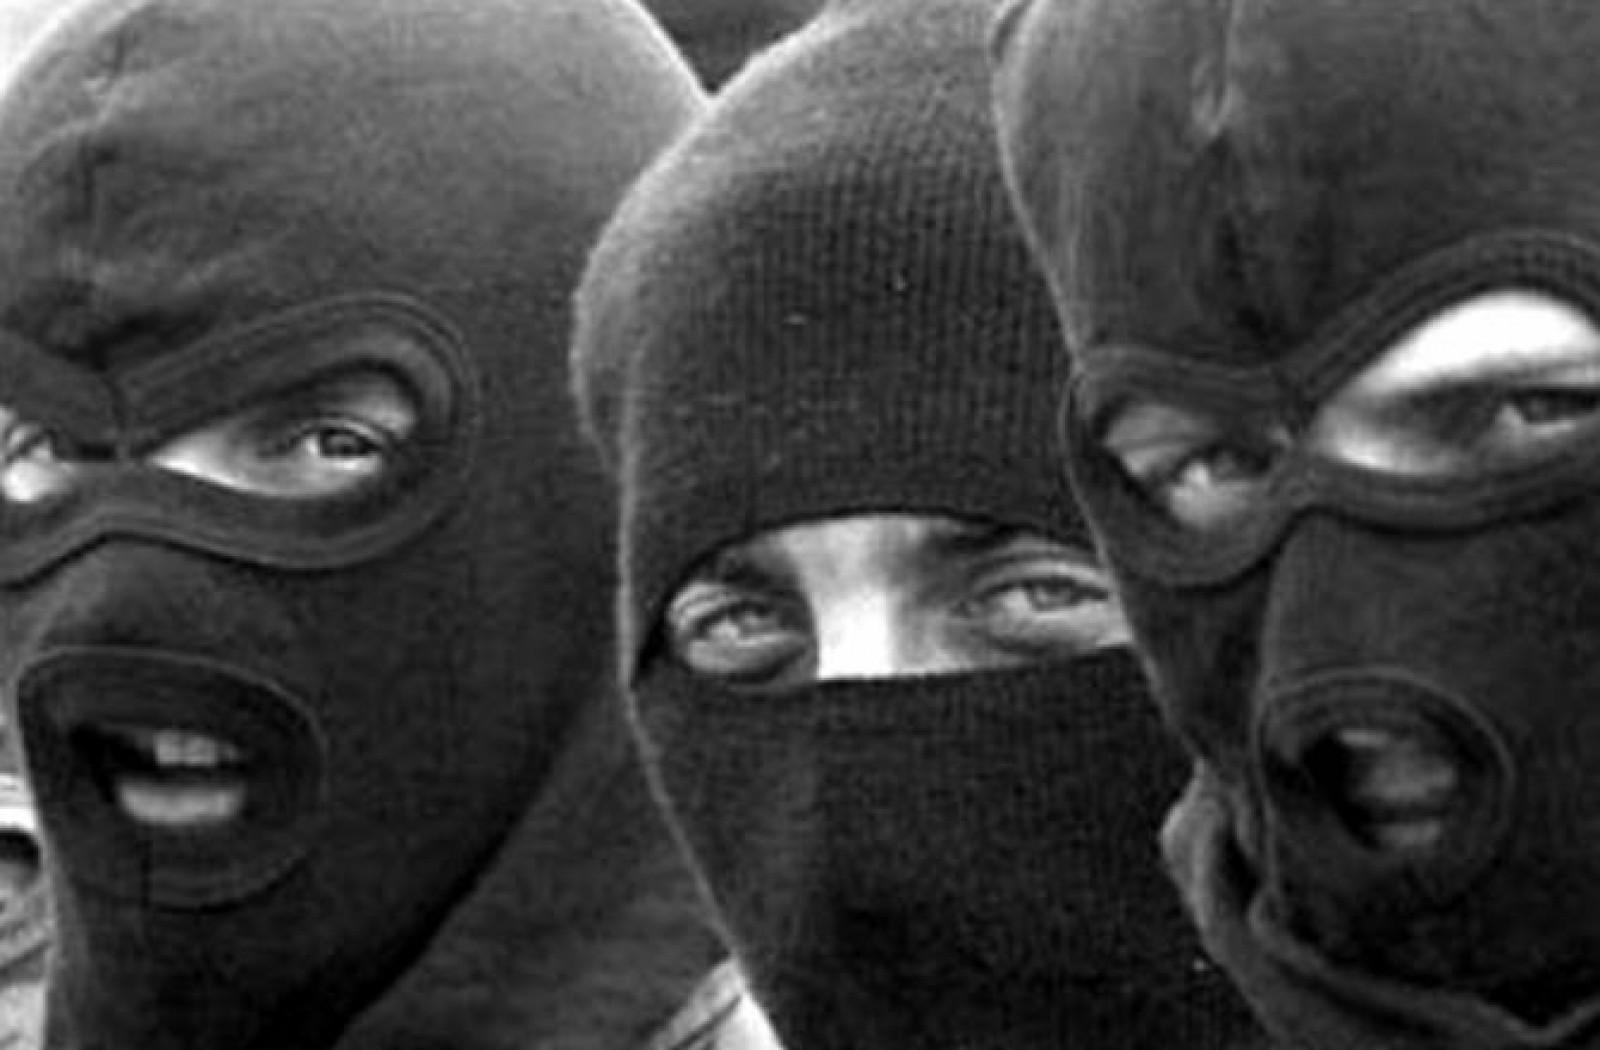 Фото новости - Совершившие поджог, дюжину краж, в том числе и в Феодосии встретятся в суде